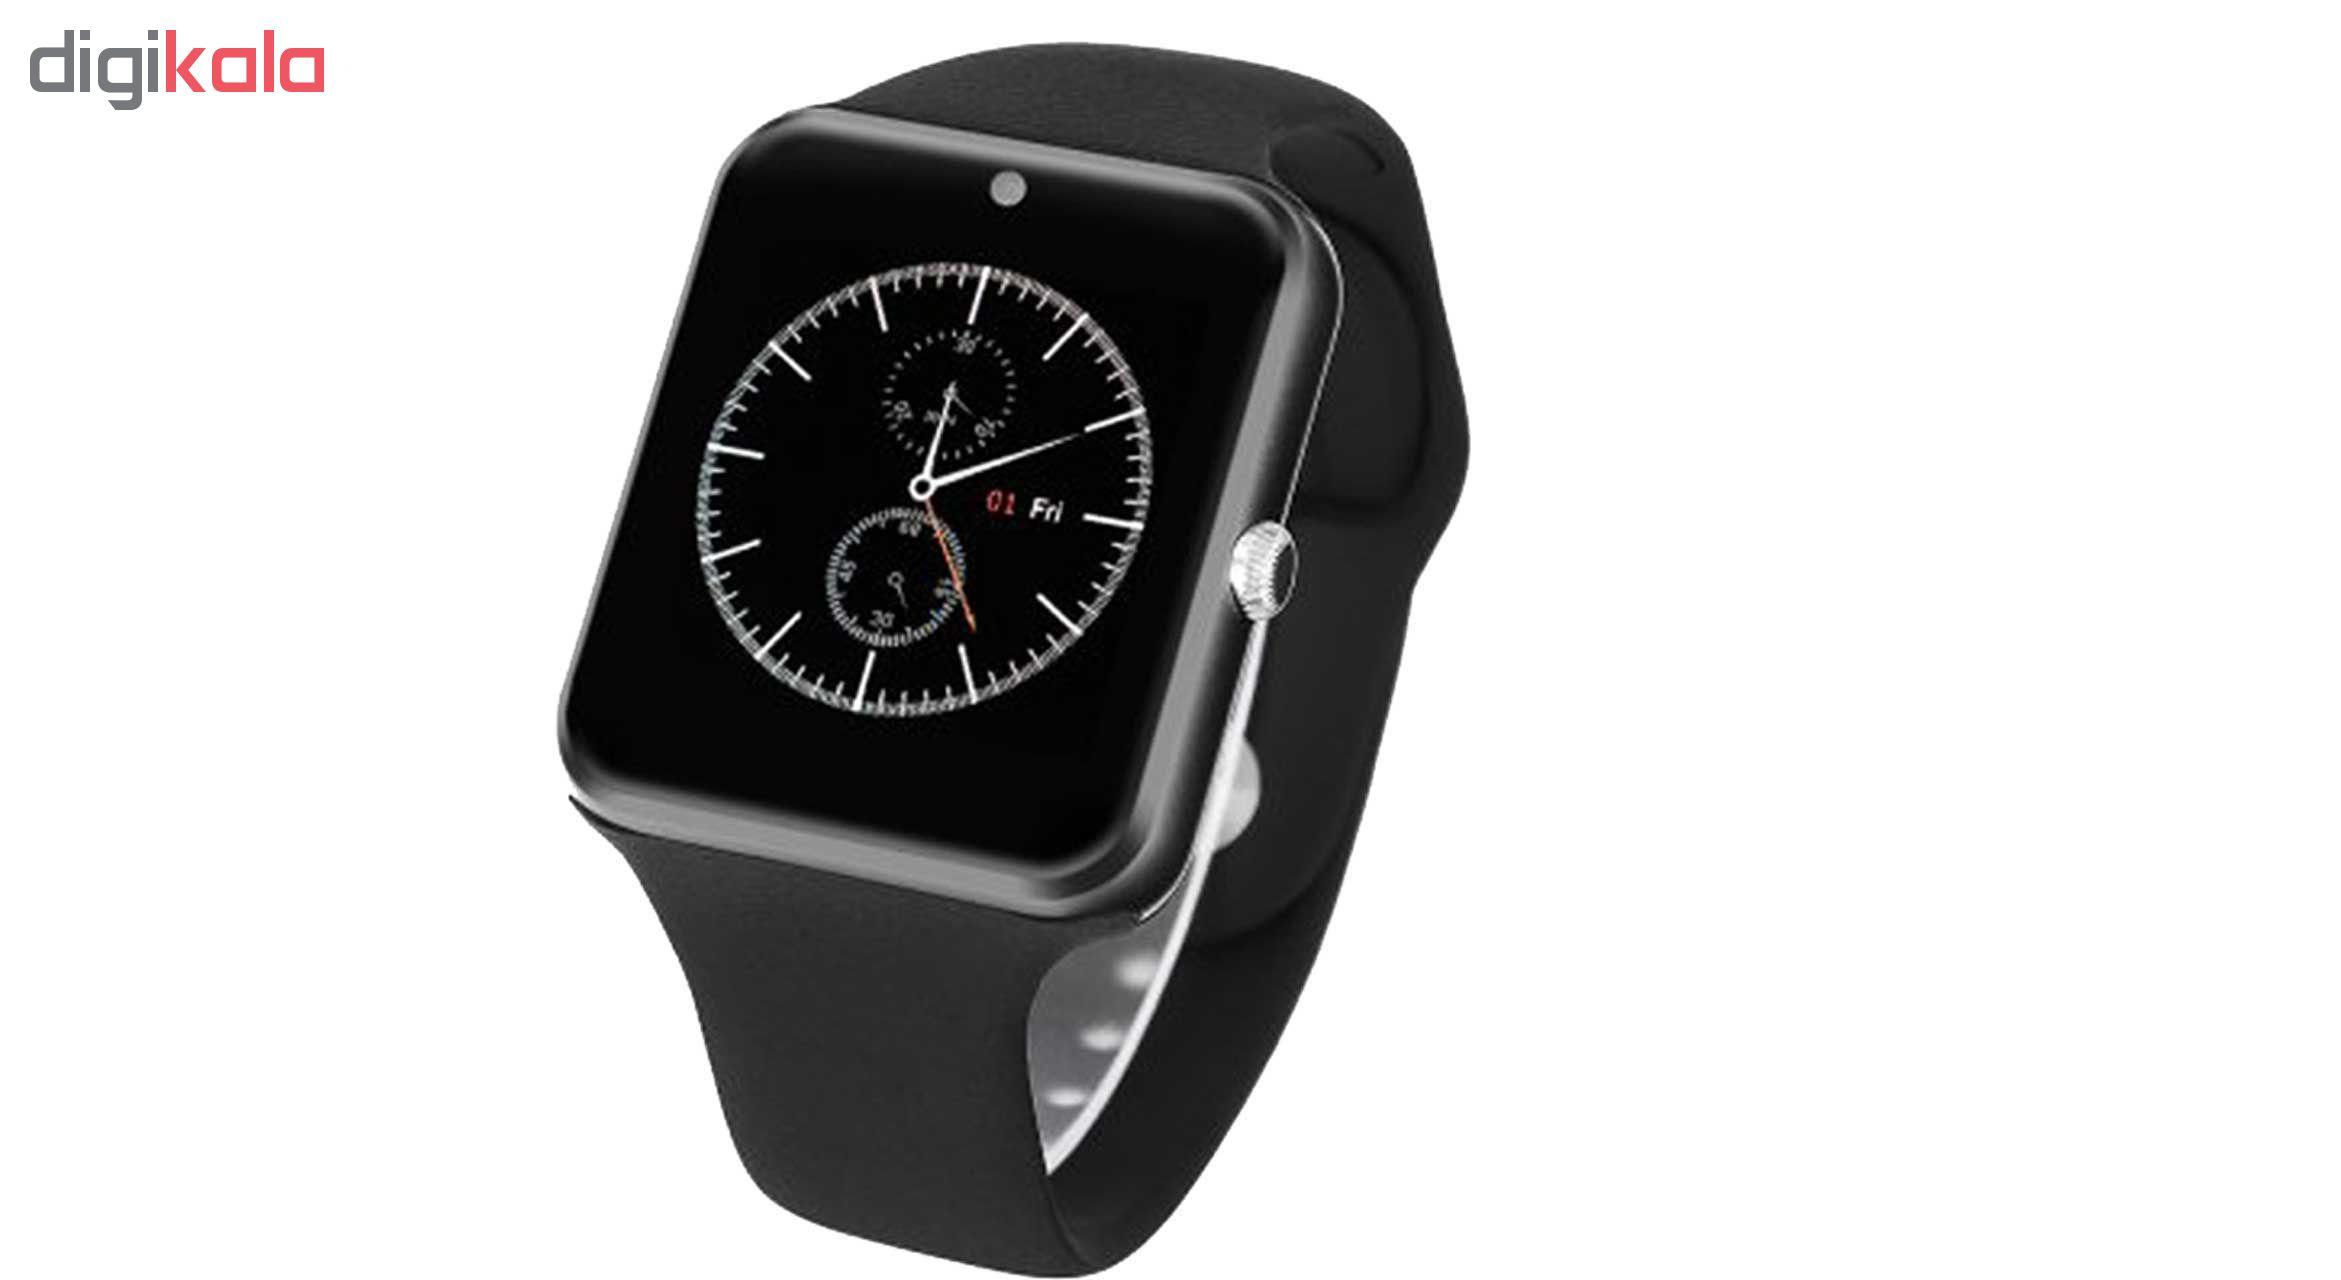 خرید ساعت هوشمند مدل Q7sp همراه محافظ صفحه نمایش شیدتگ